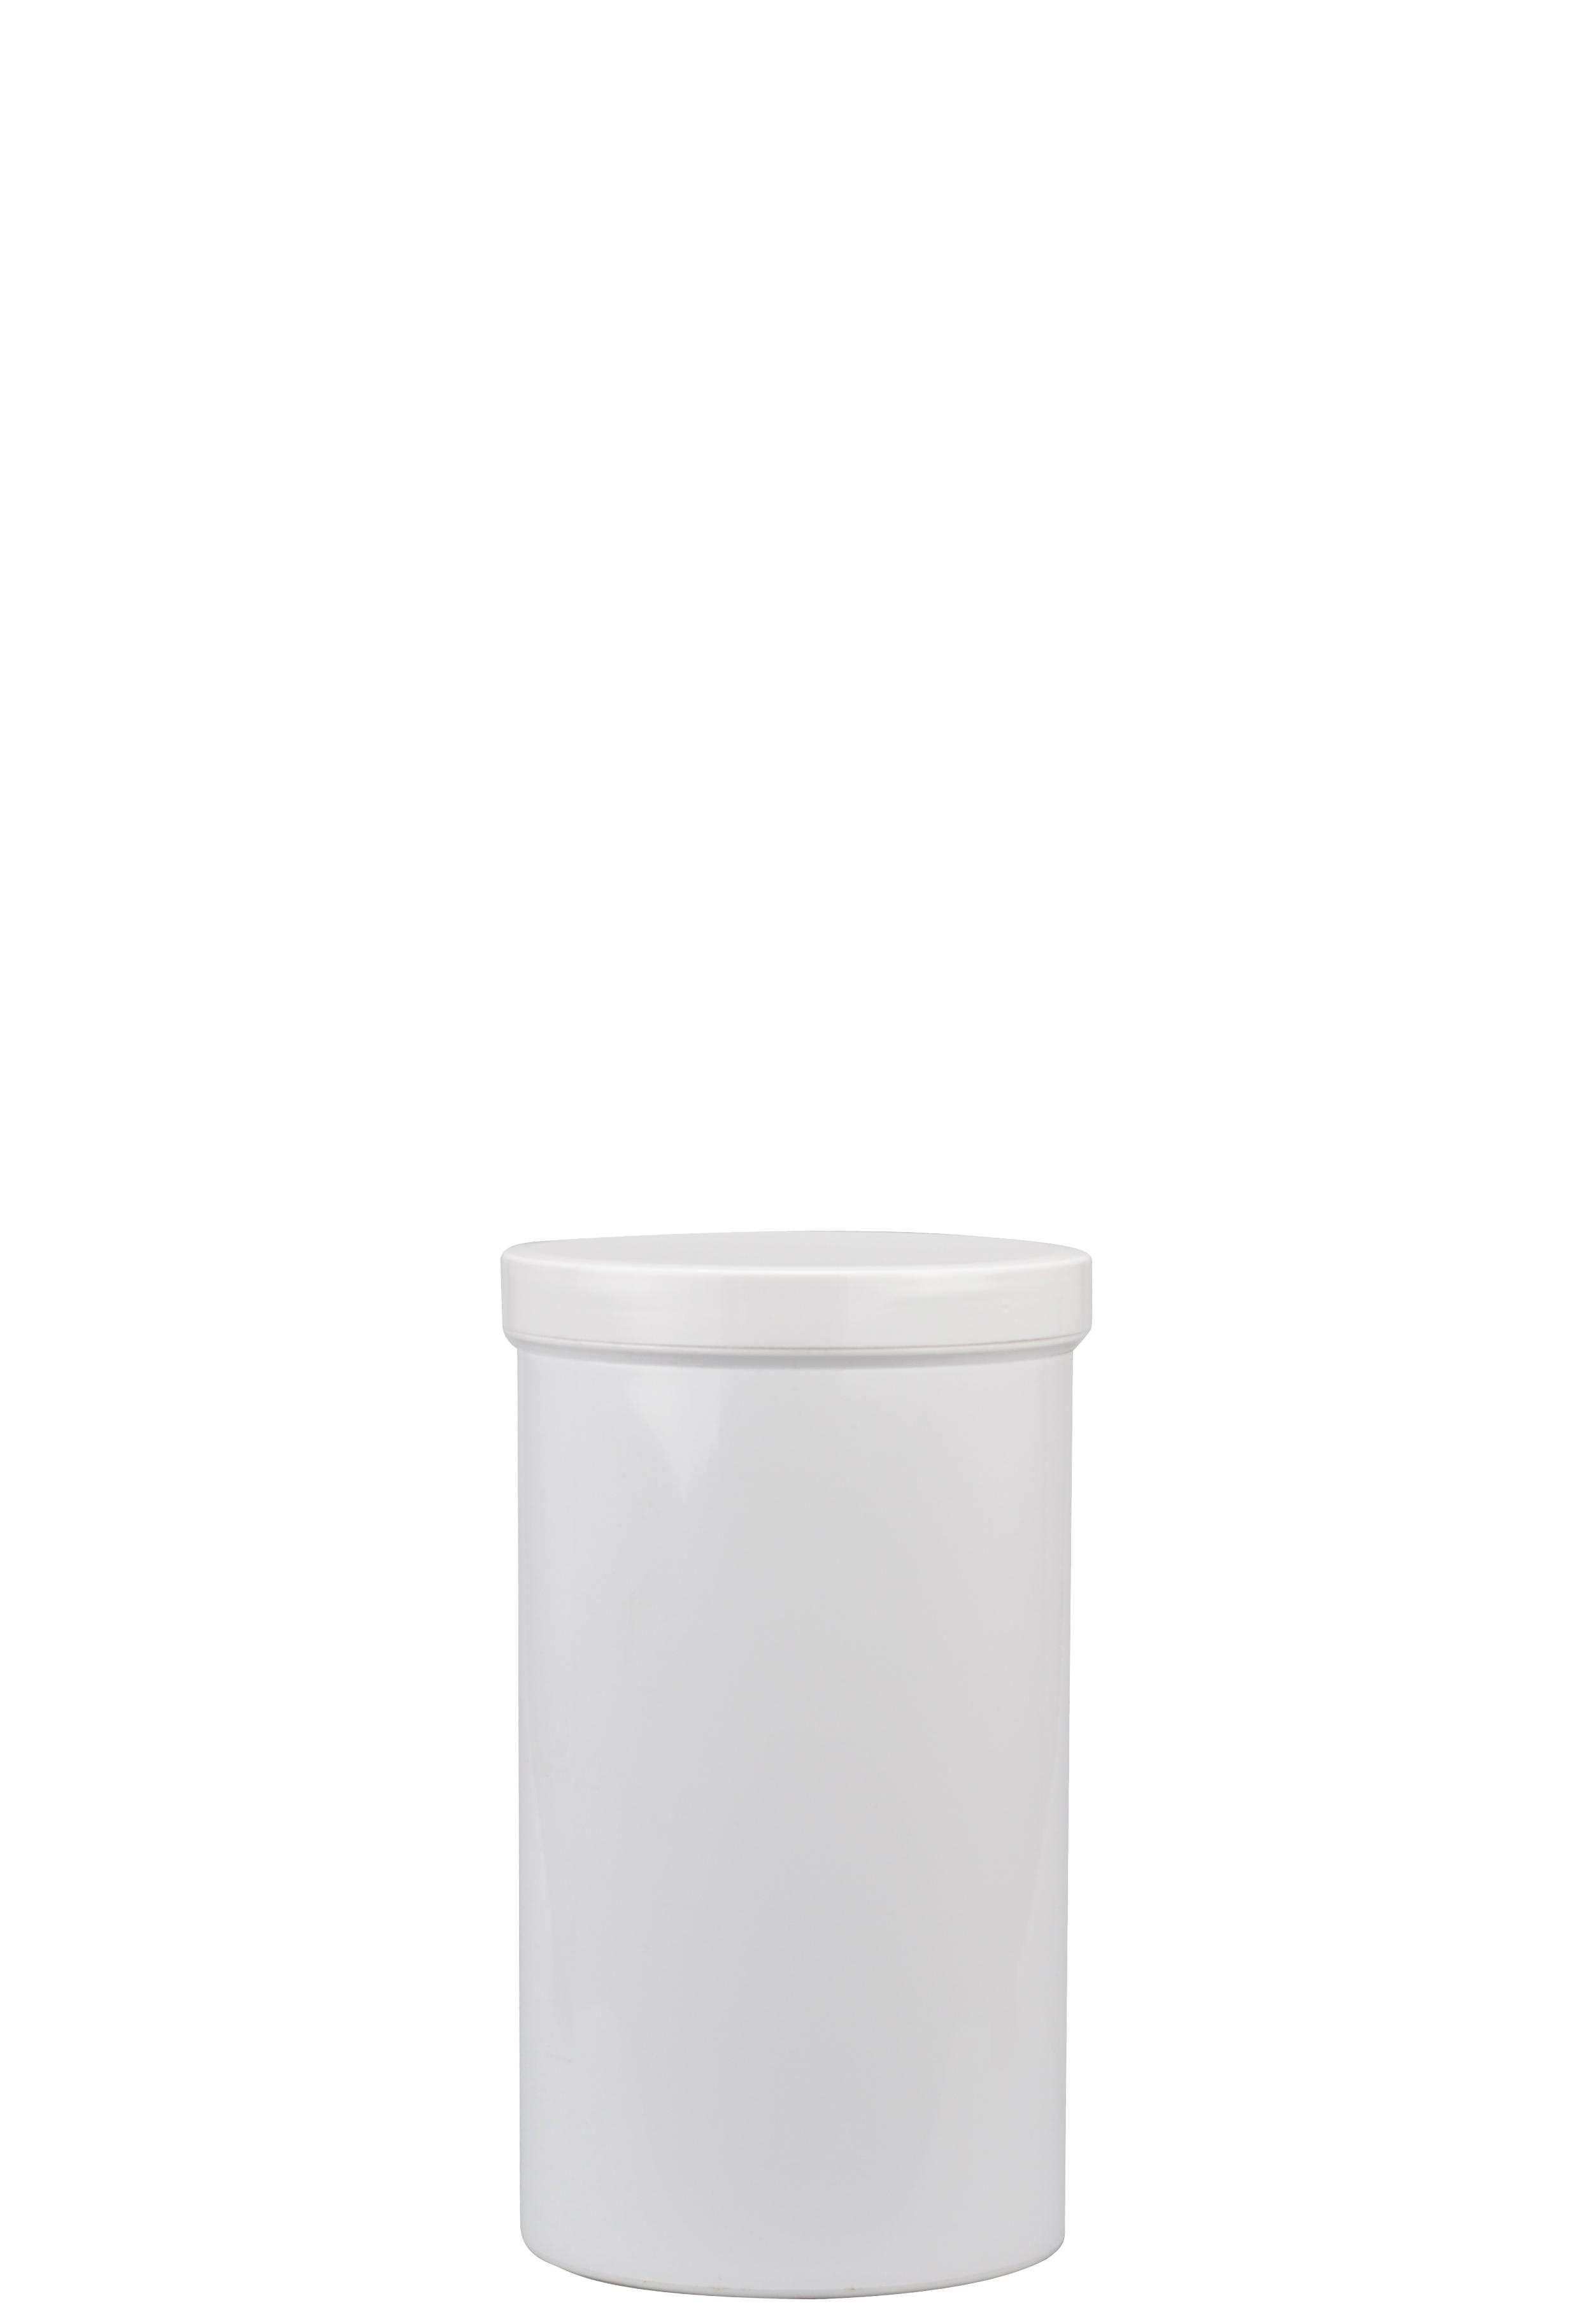 1 liter pot